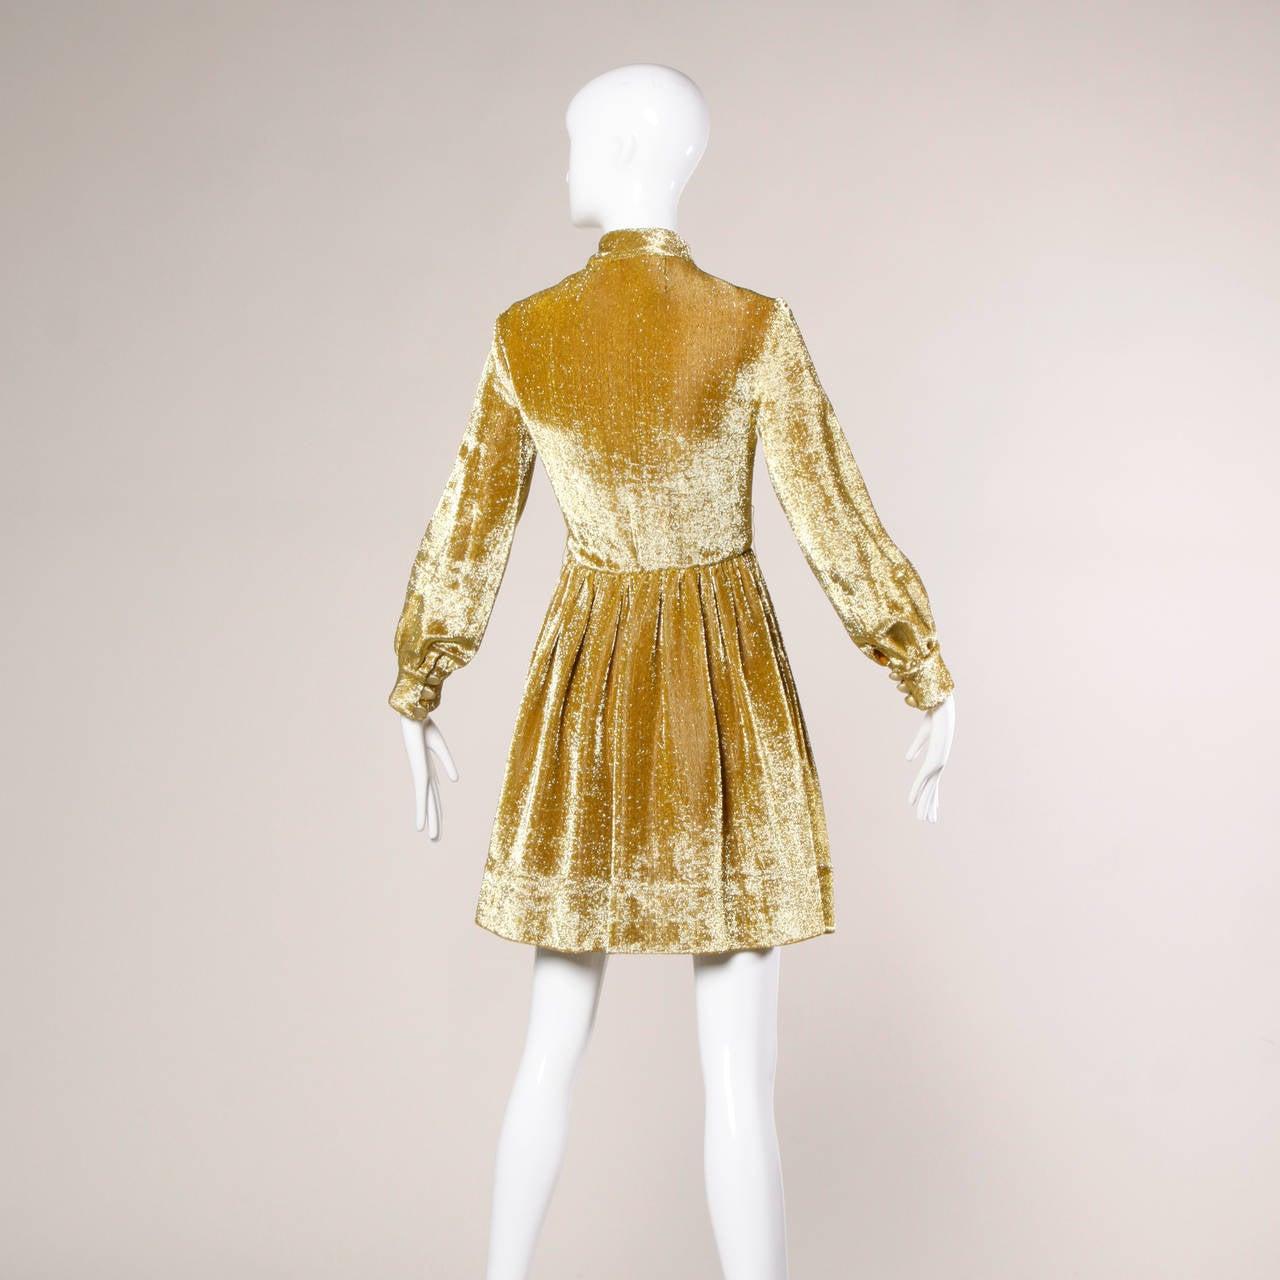 Brown Mr. Mort Vintage 1960s Metallic Gold Lurex Coat Dress For Sale